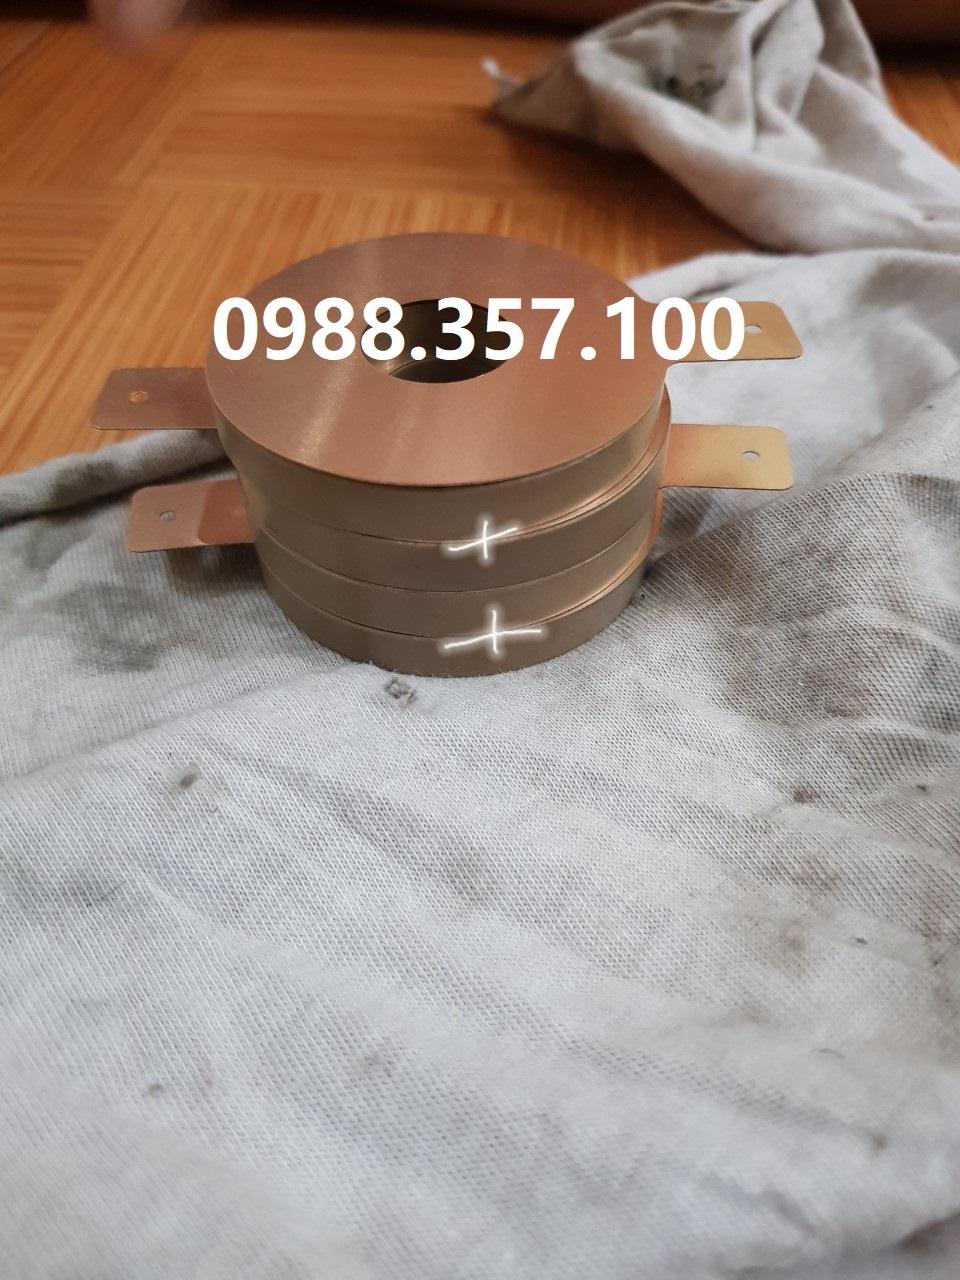 cách lắp đá - Hướng dẫn lắp vòng gốm thạch anh siêu âm tại nhà.